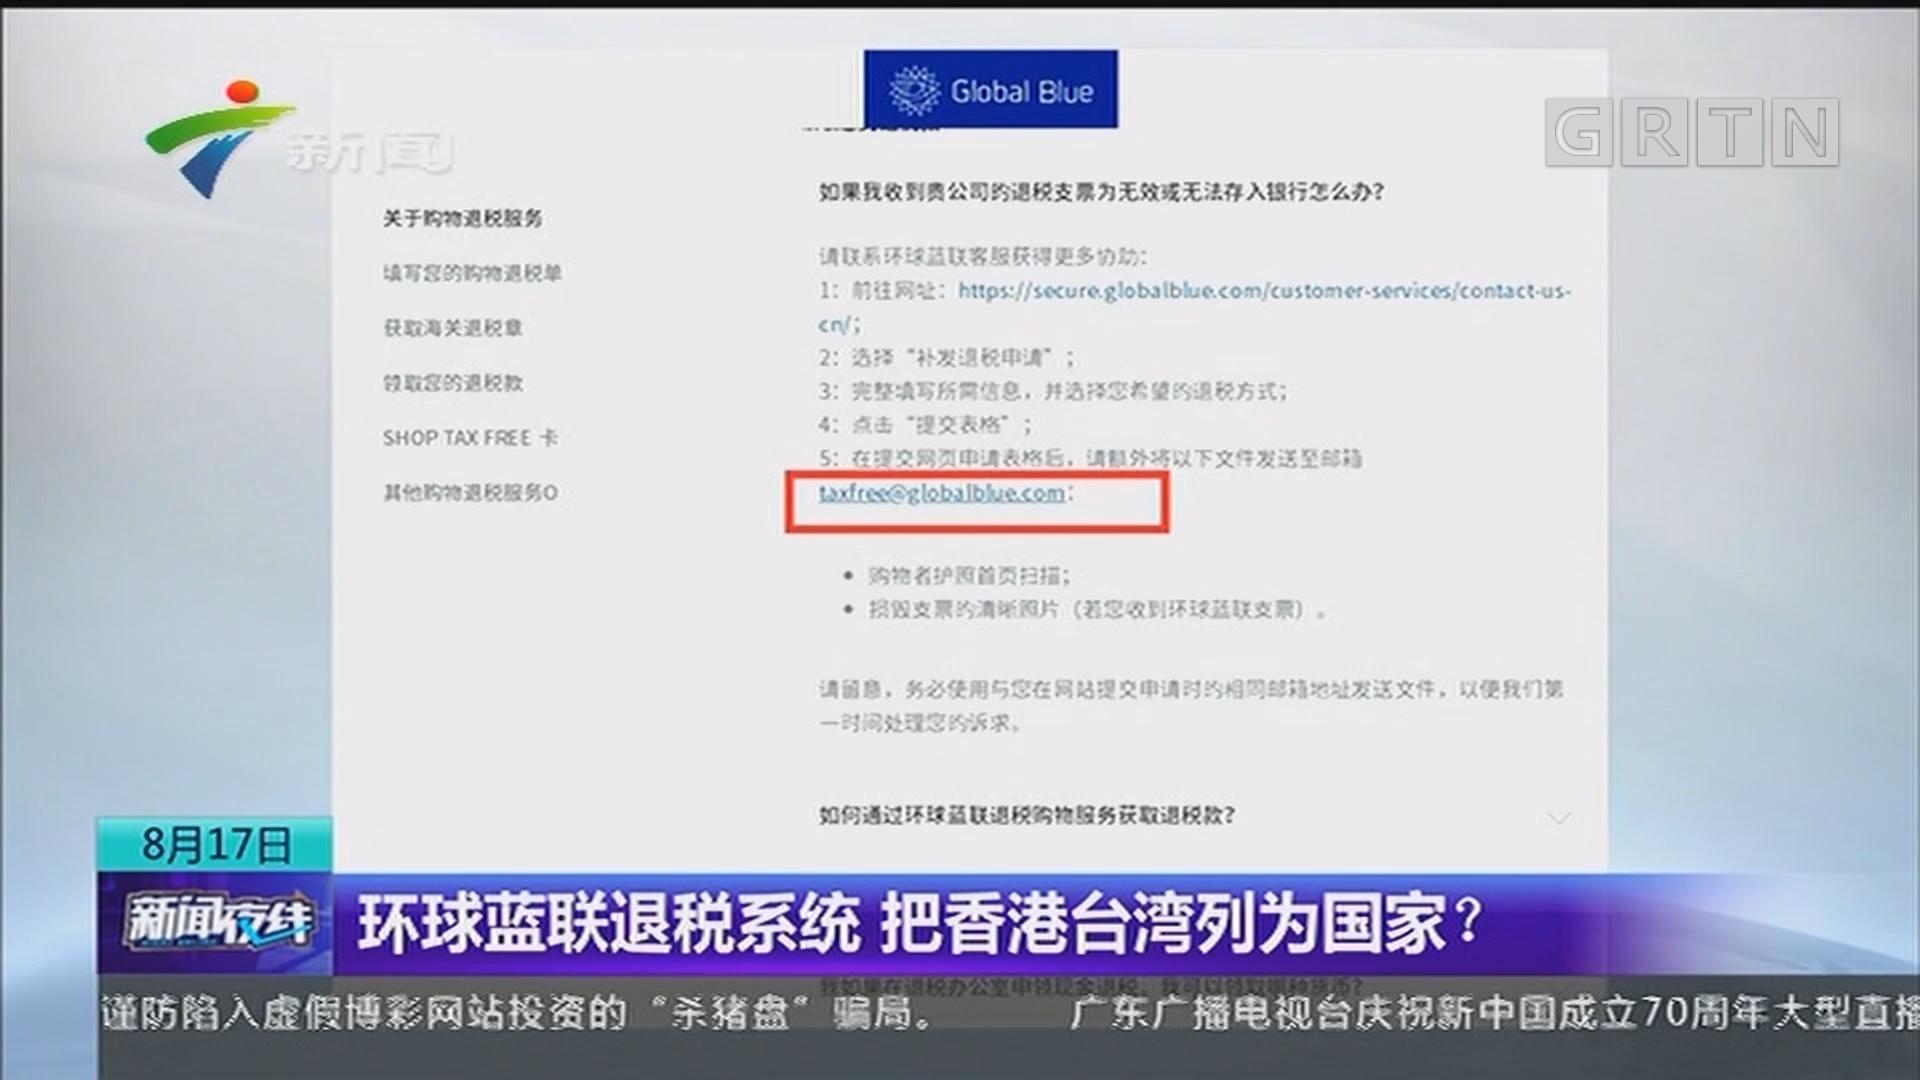 环球蓝联退税系统 把香港台湾列为国家?